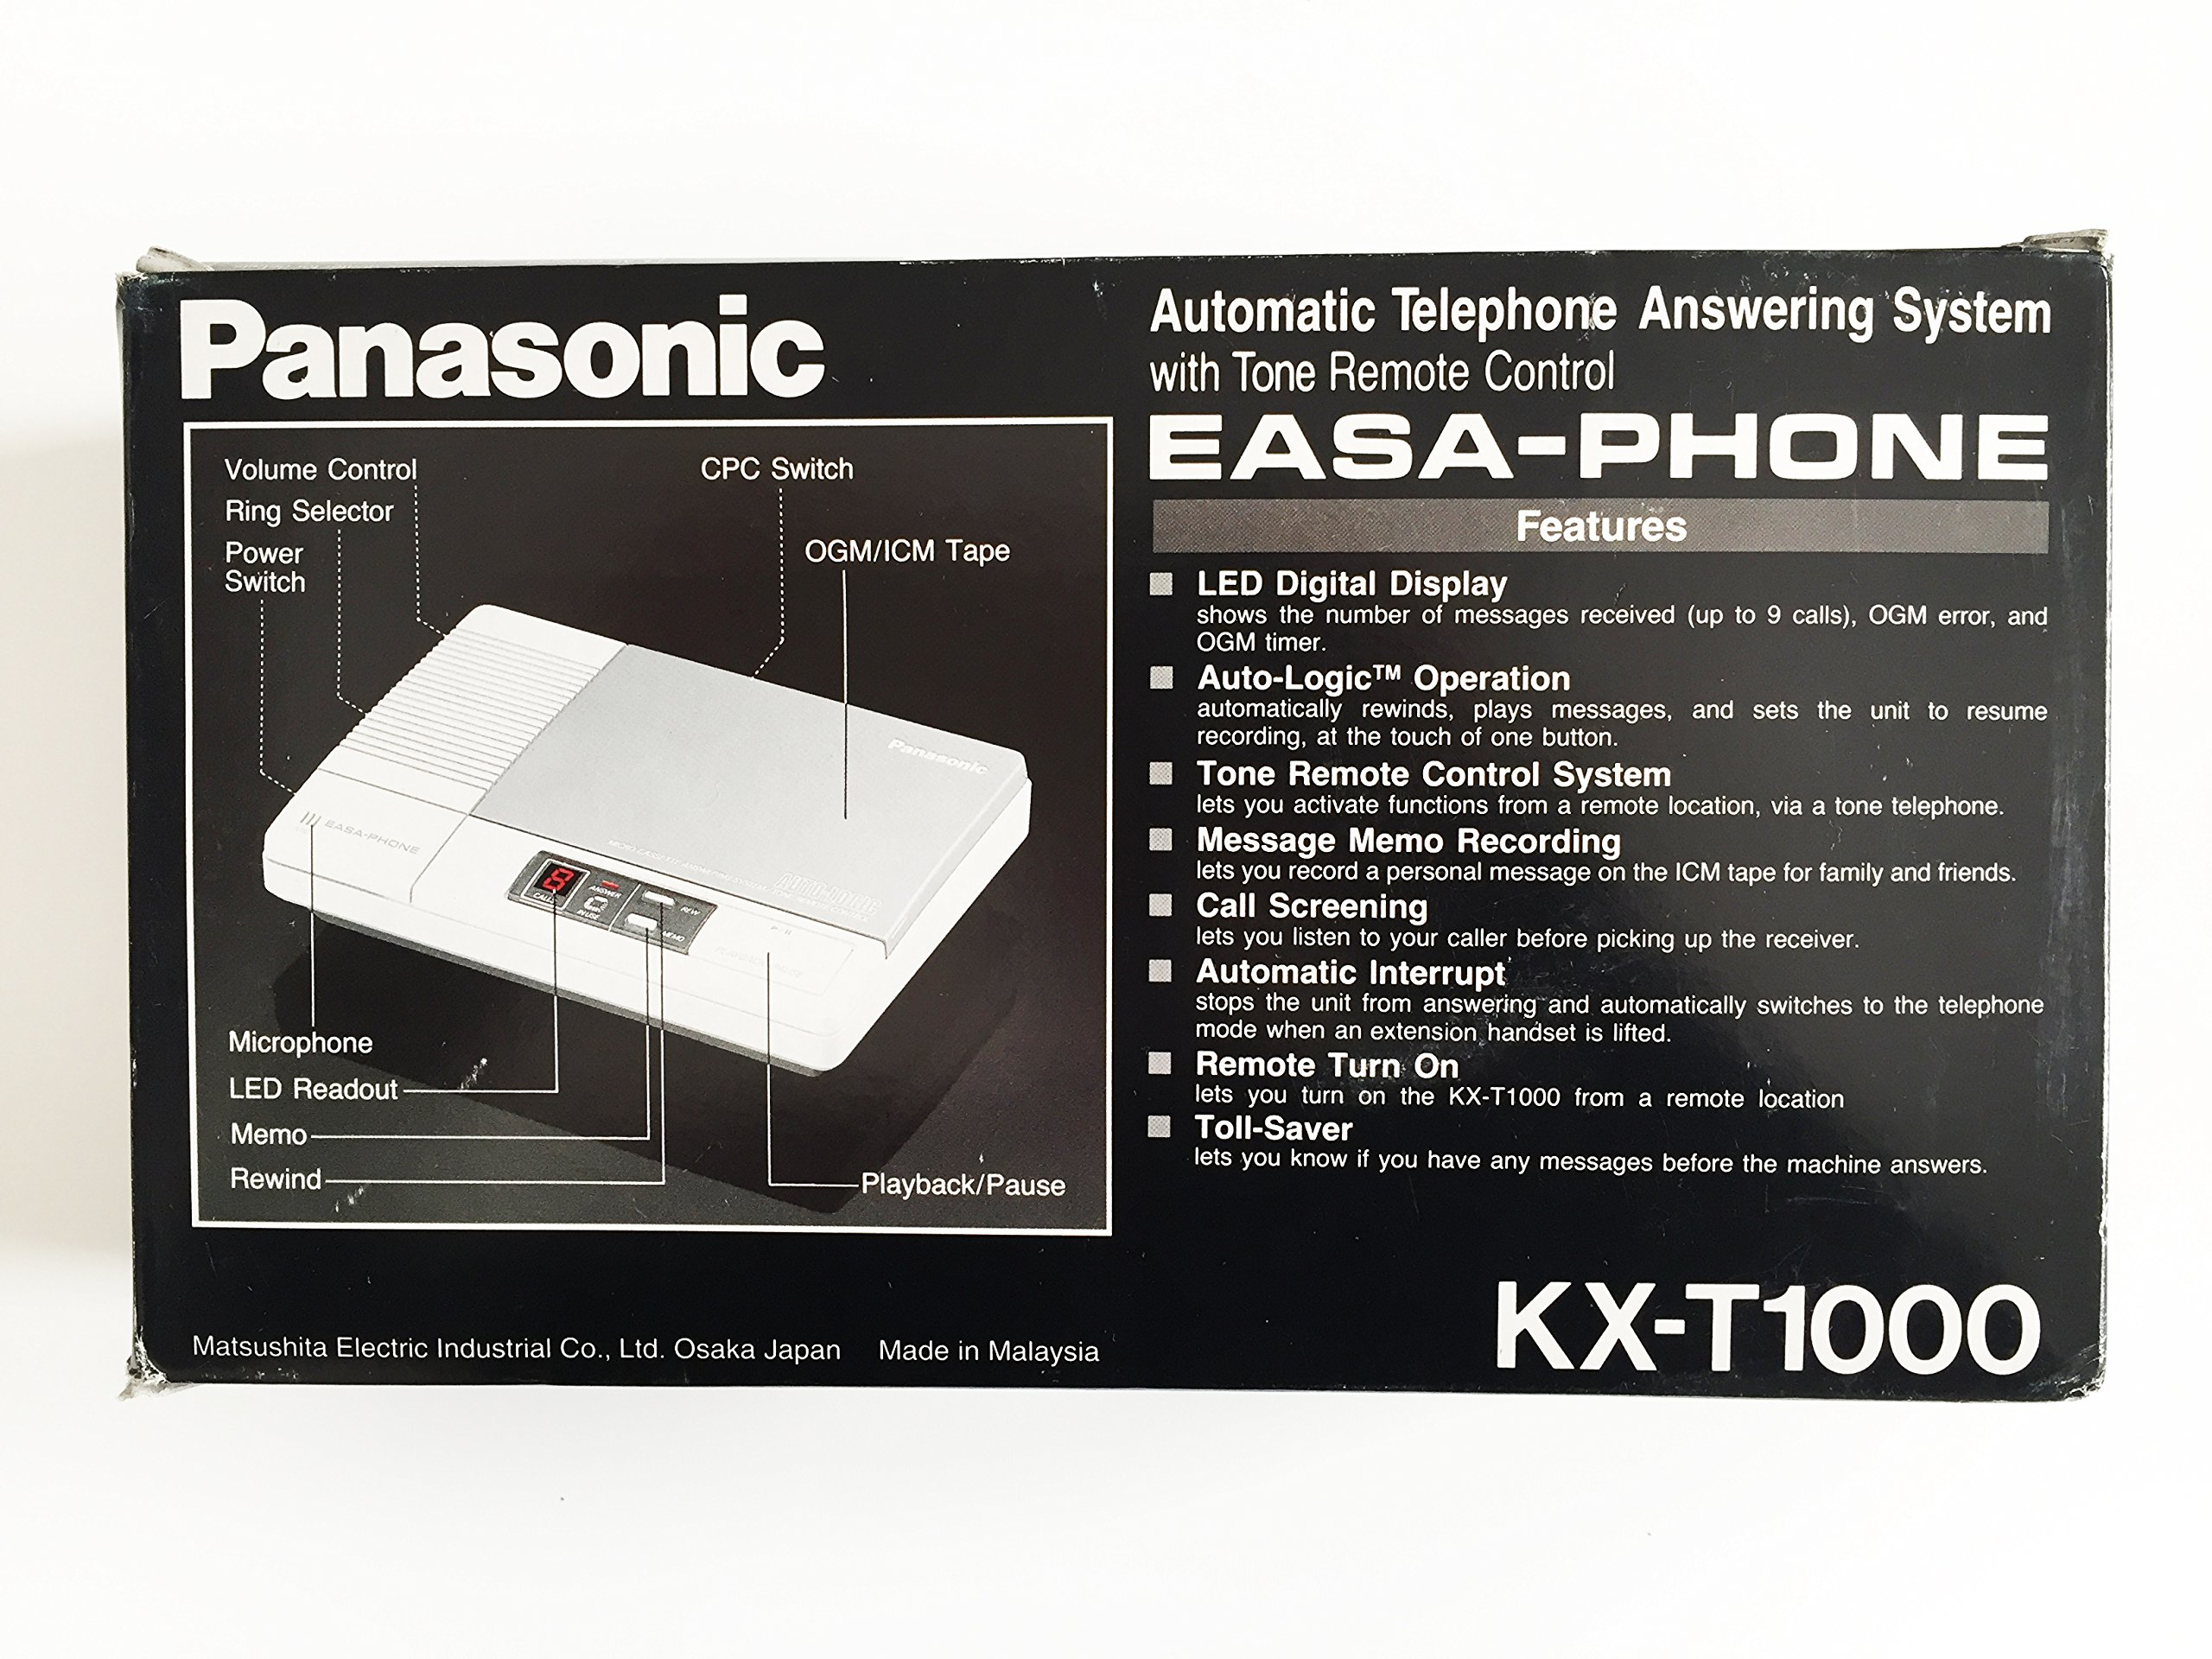 Panasonic Easa-Phone Cassette Tape Answering Machine